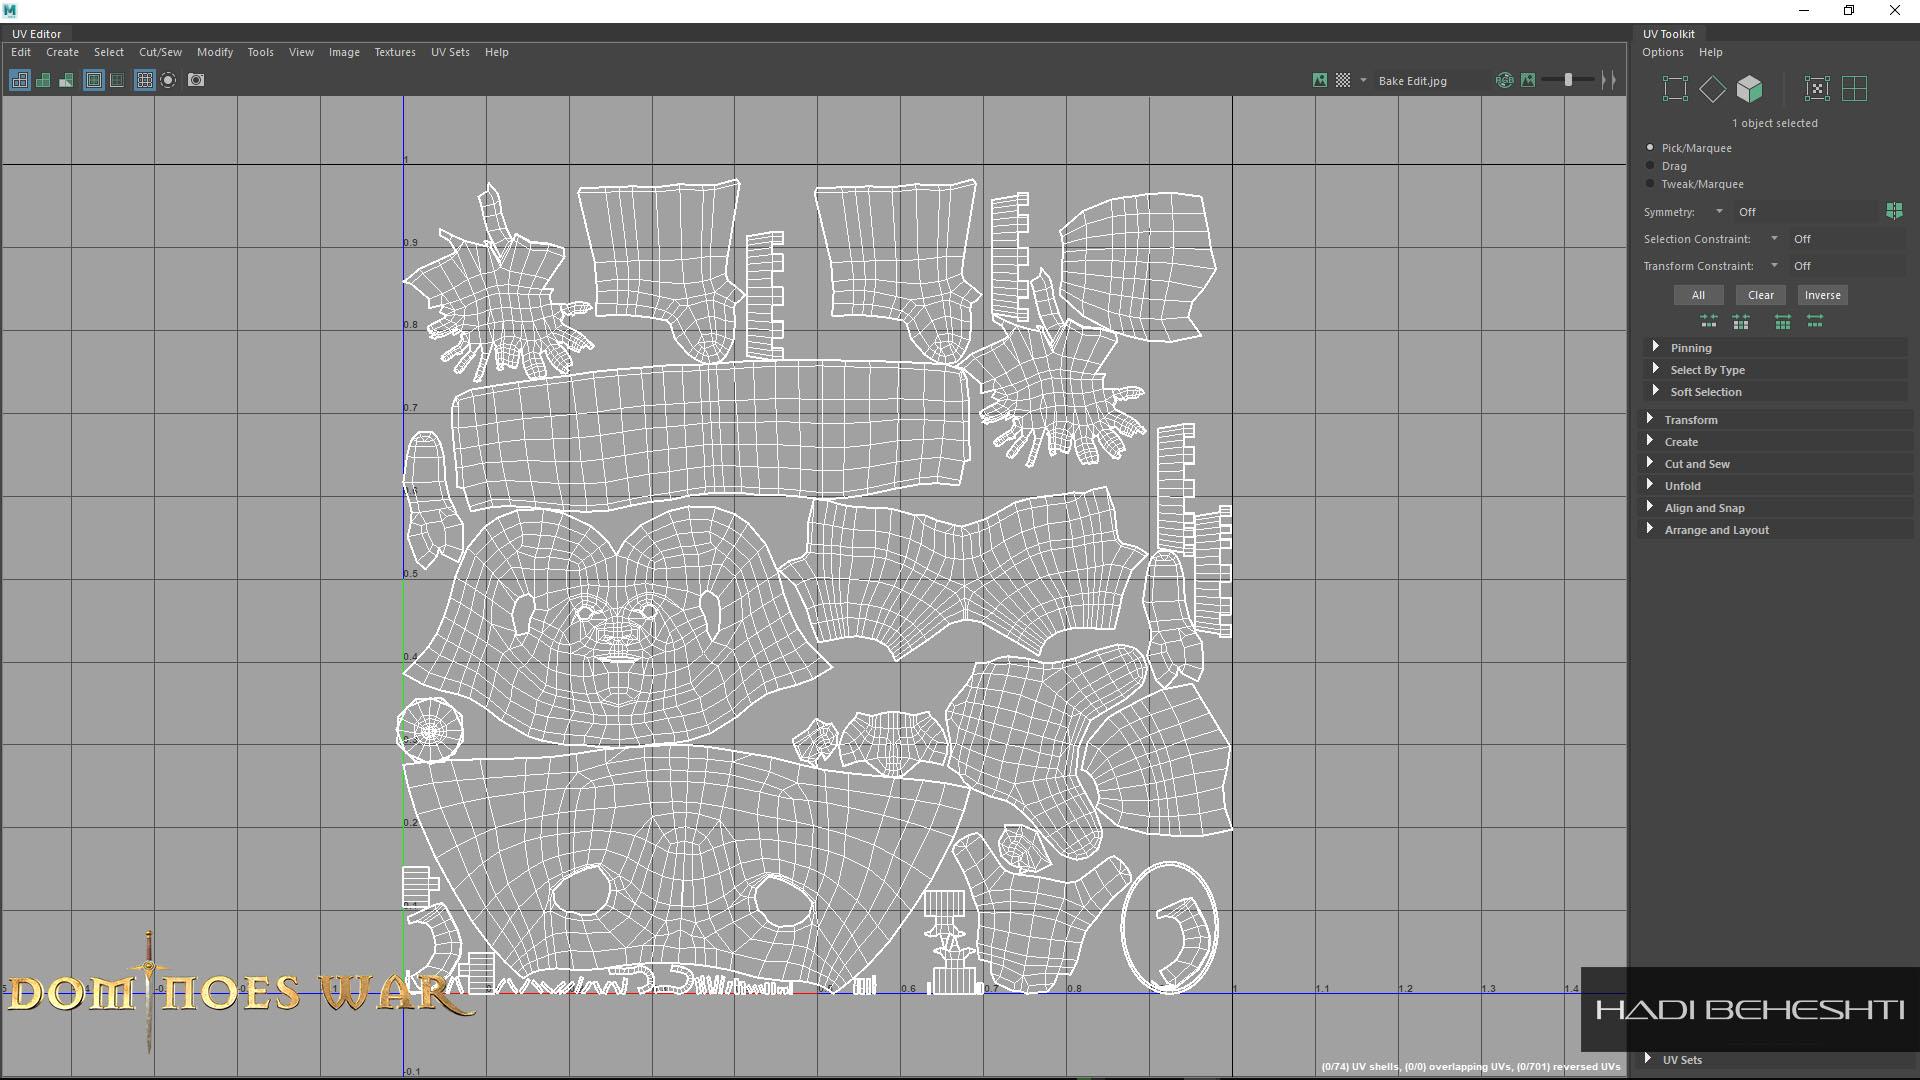 Dominoes War Game Character UV by Hadi Beheshti CG Artist